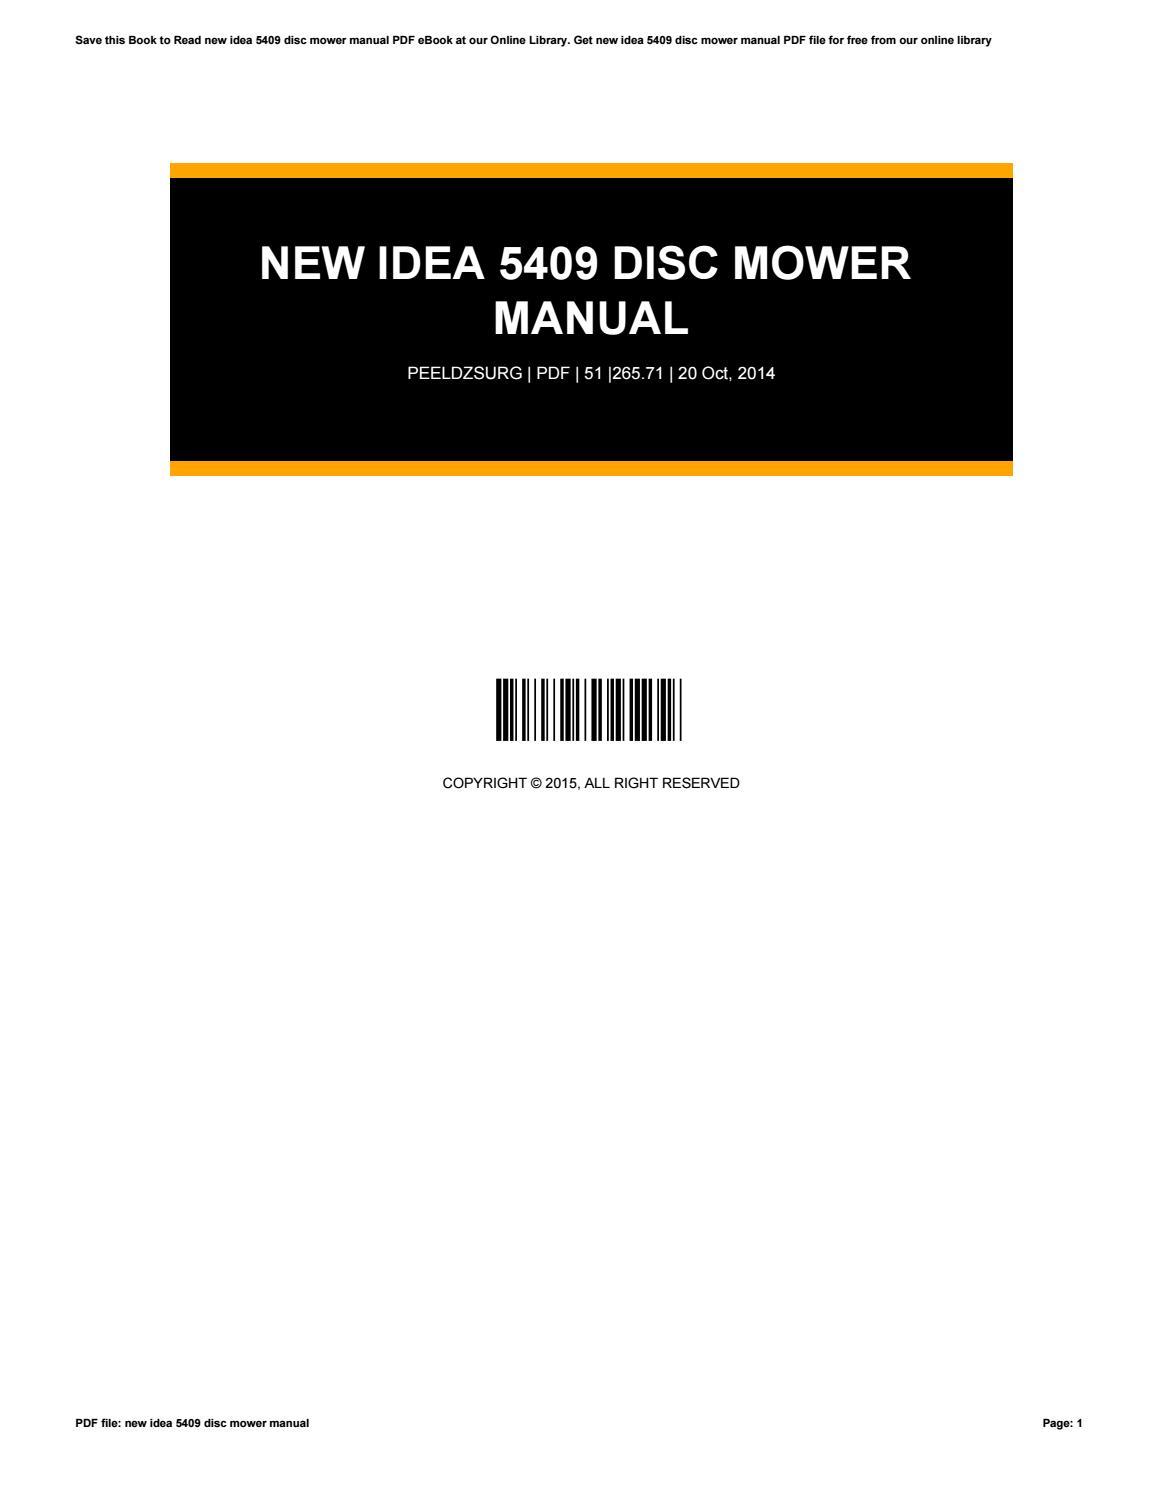 ... Array - quadzilla 150 parts manual ebook rh quadzilla 150 parts manual  ebook bitlab solutions